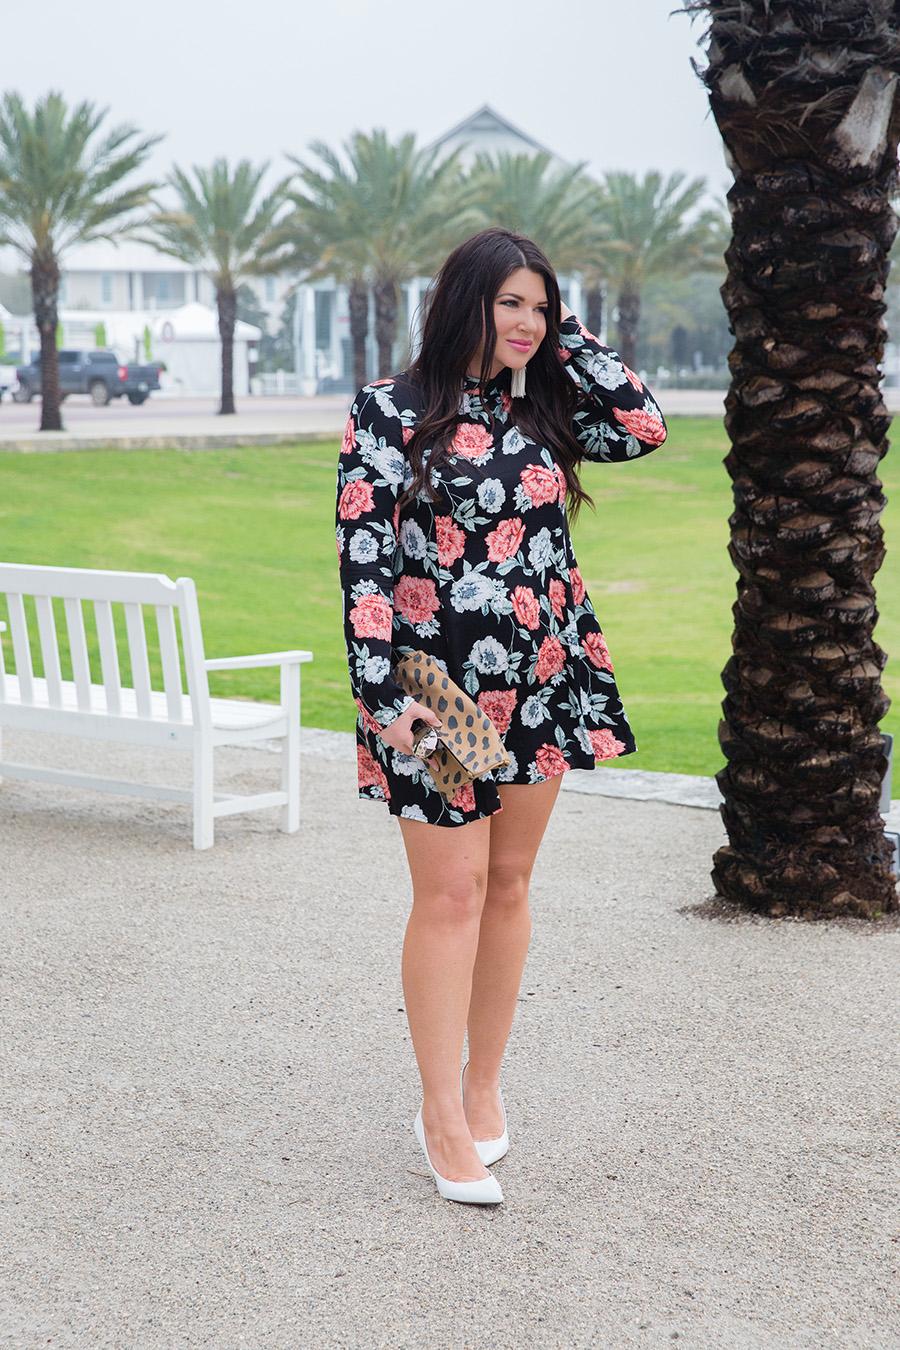 Minkpink Garden of Eden Dress on 30A Street Style - Jami Ray